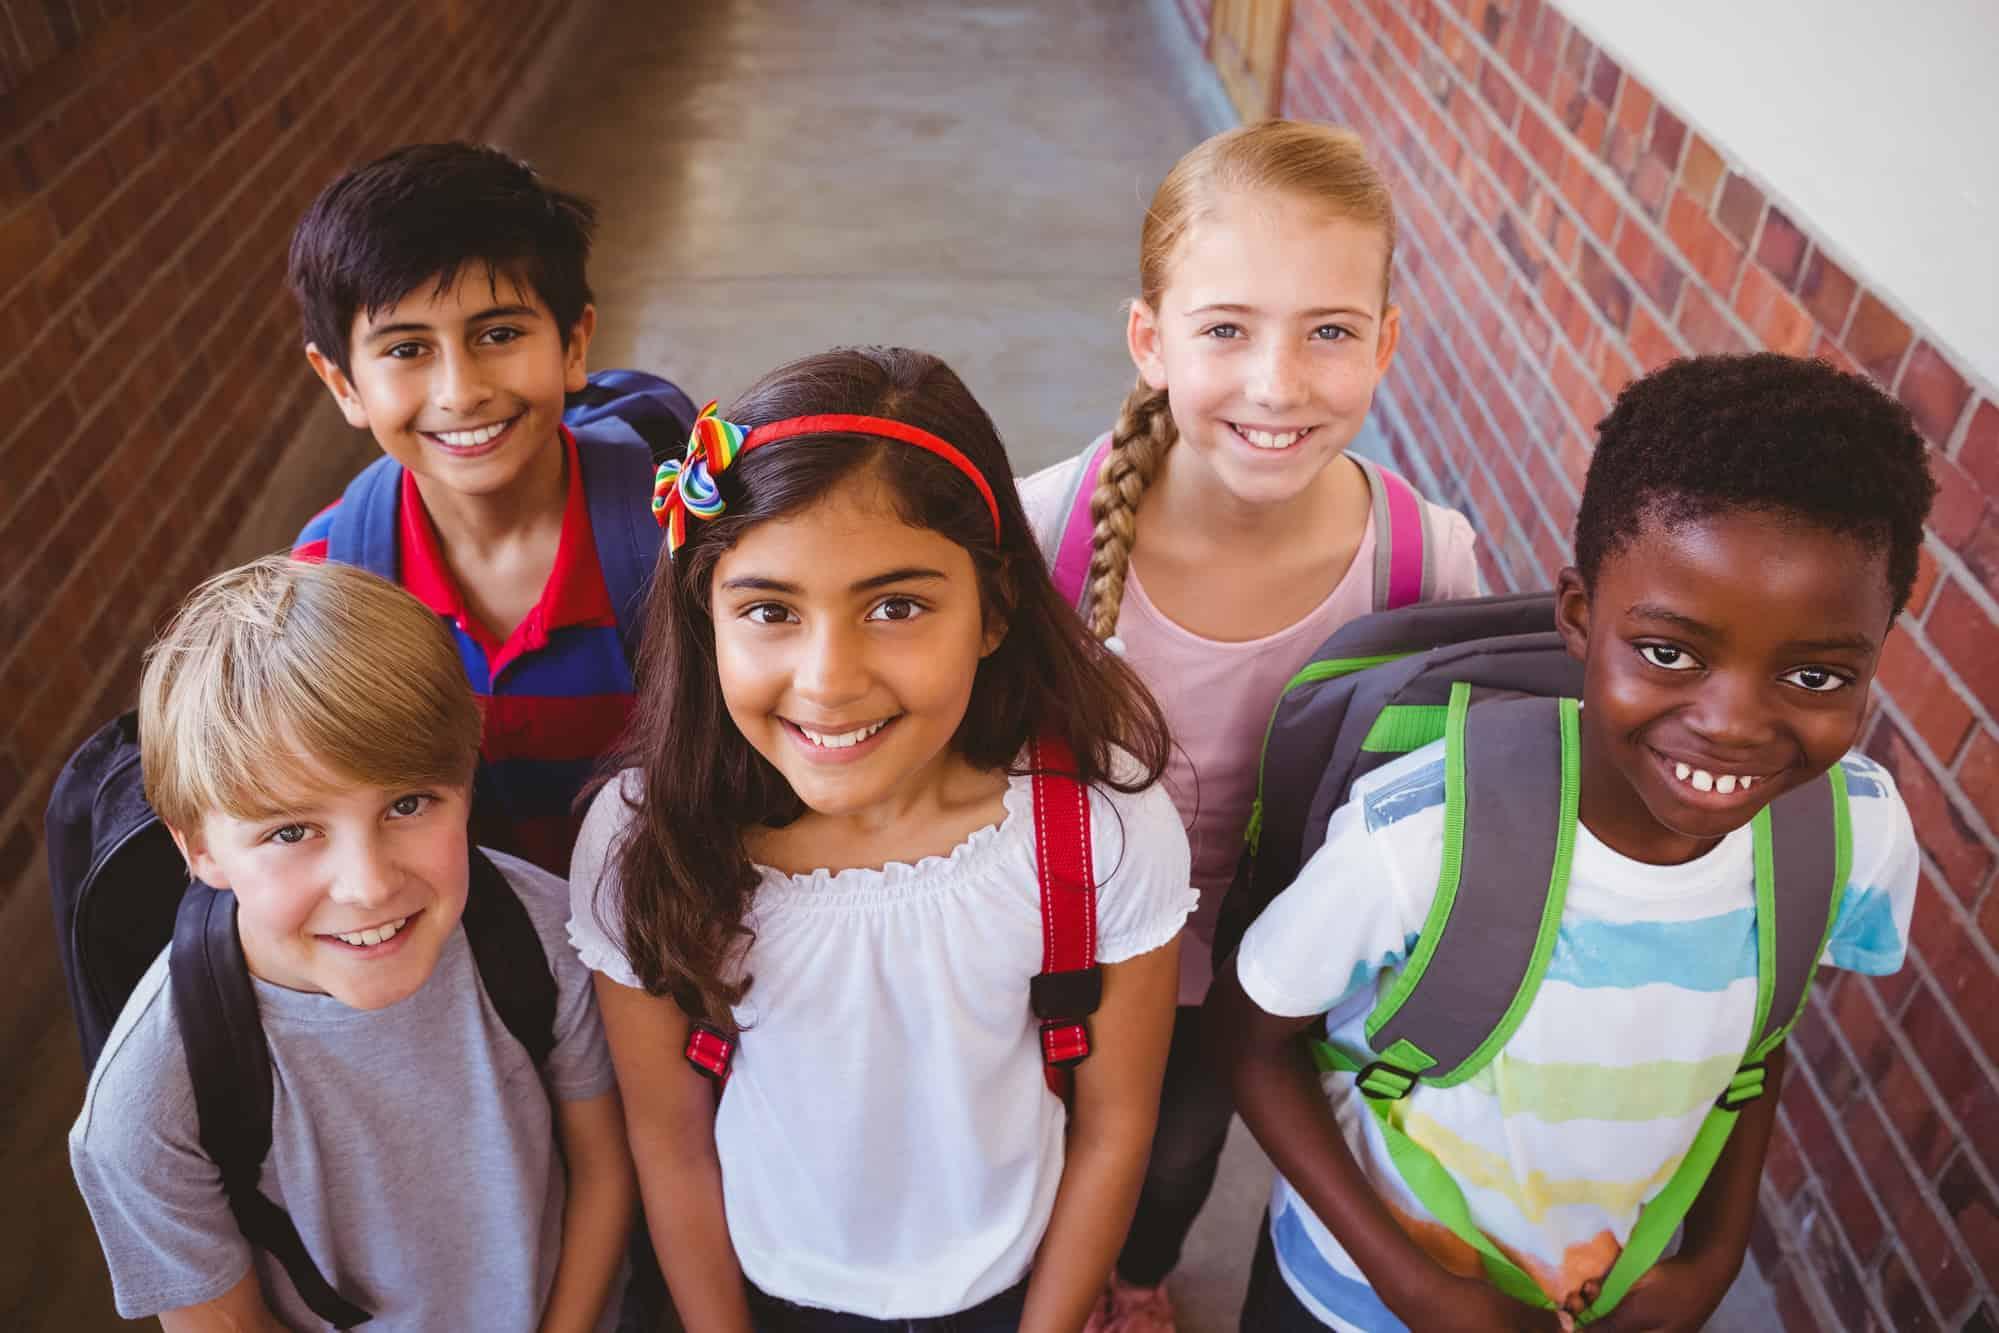 children smiling in corridor at school